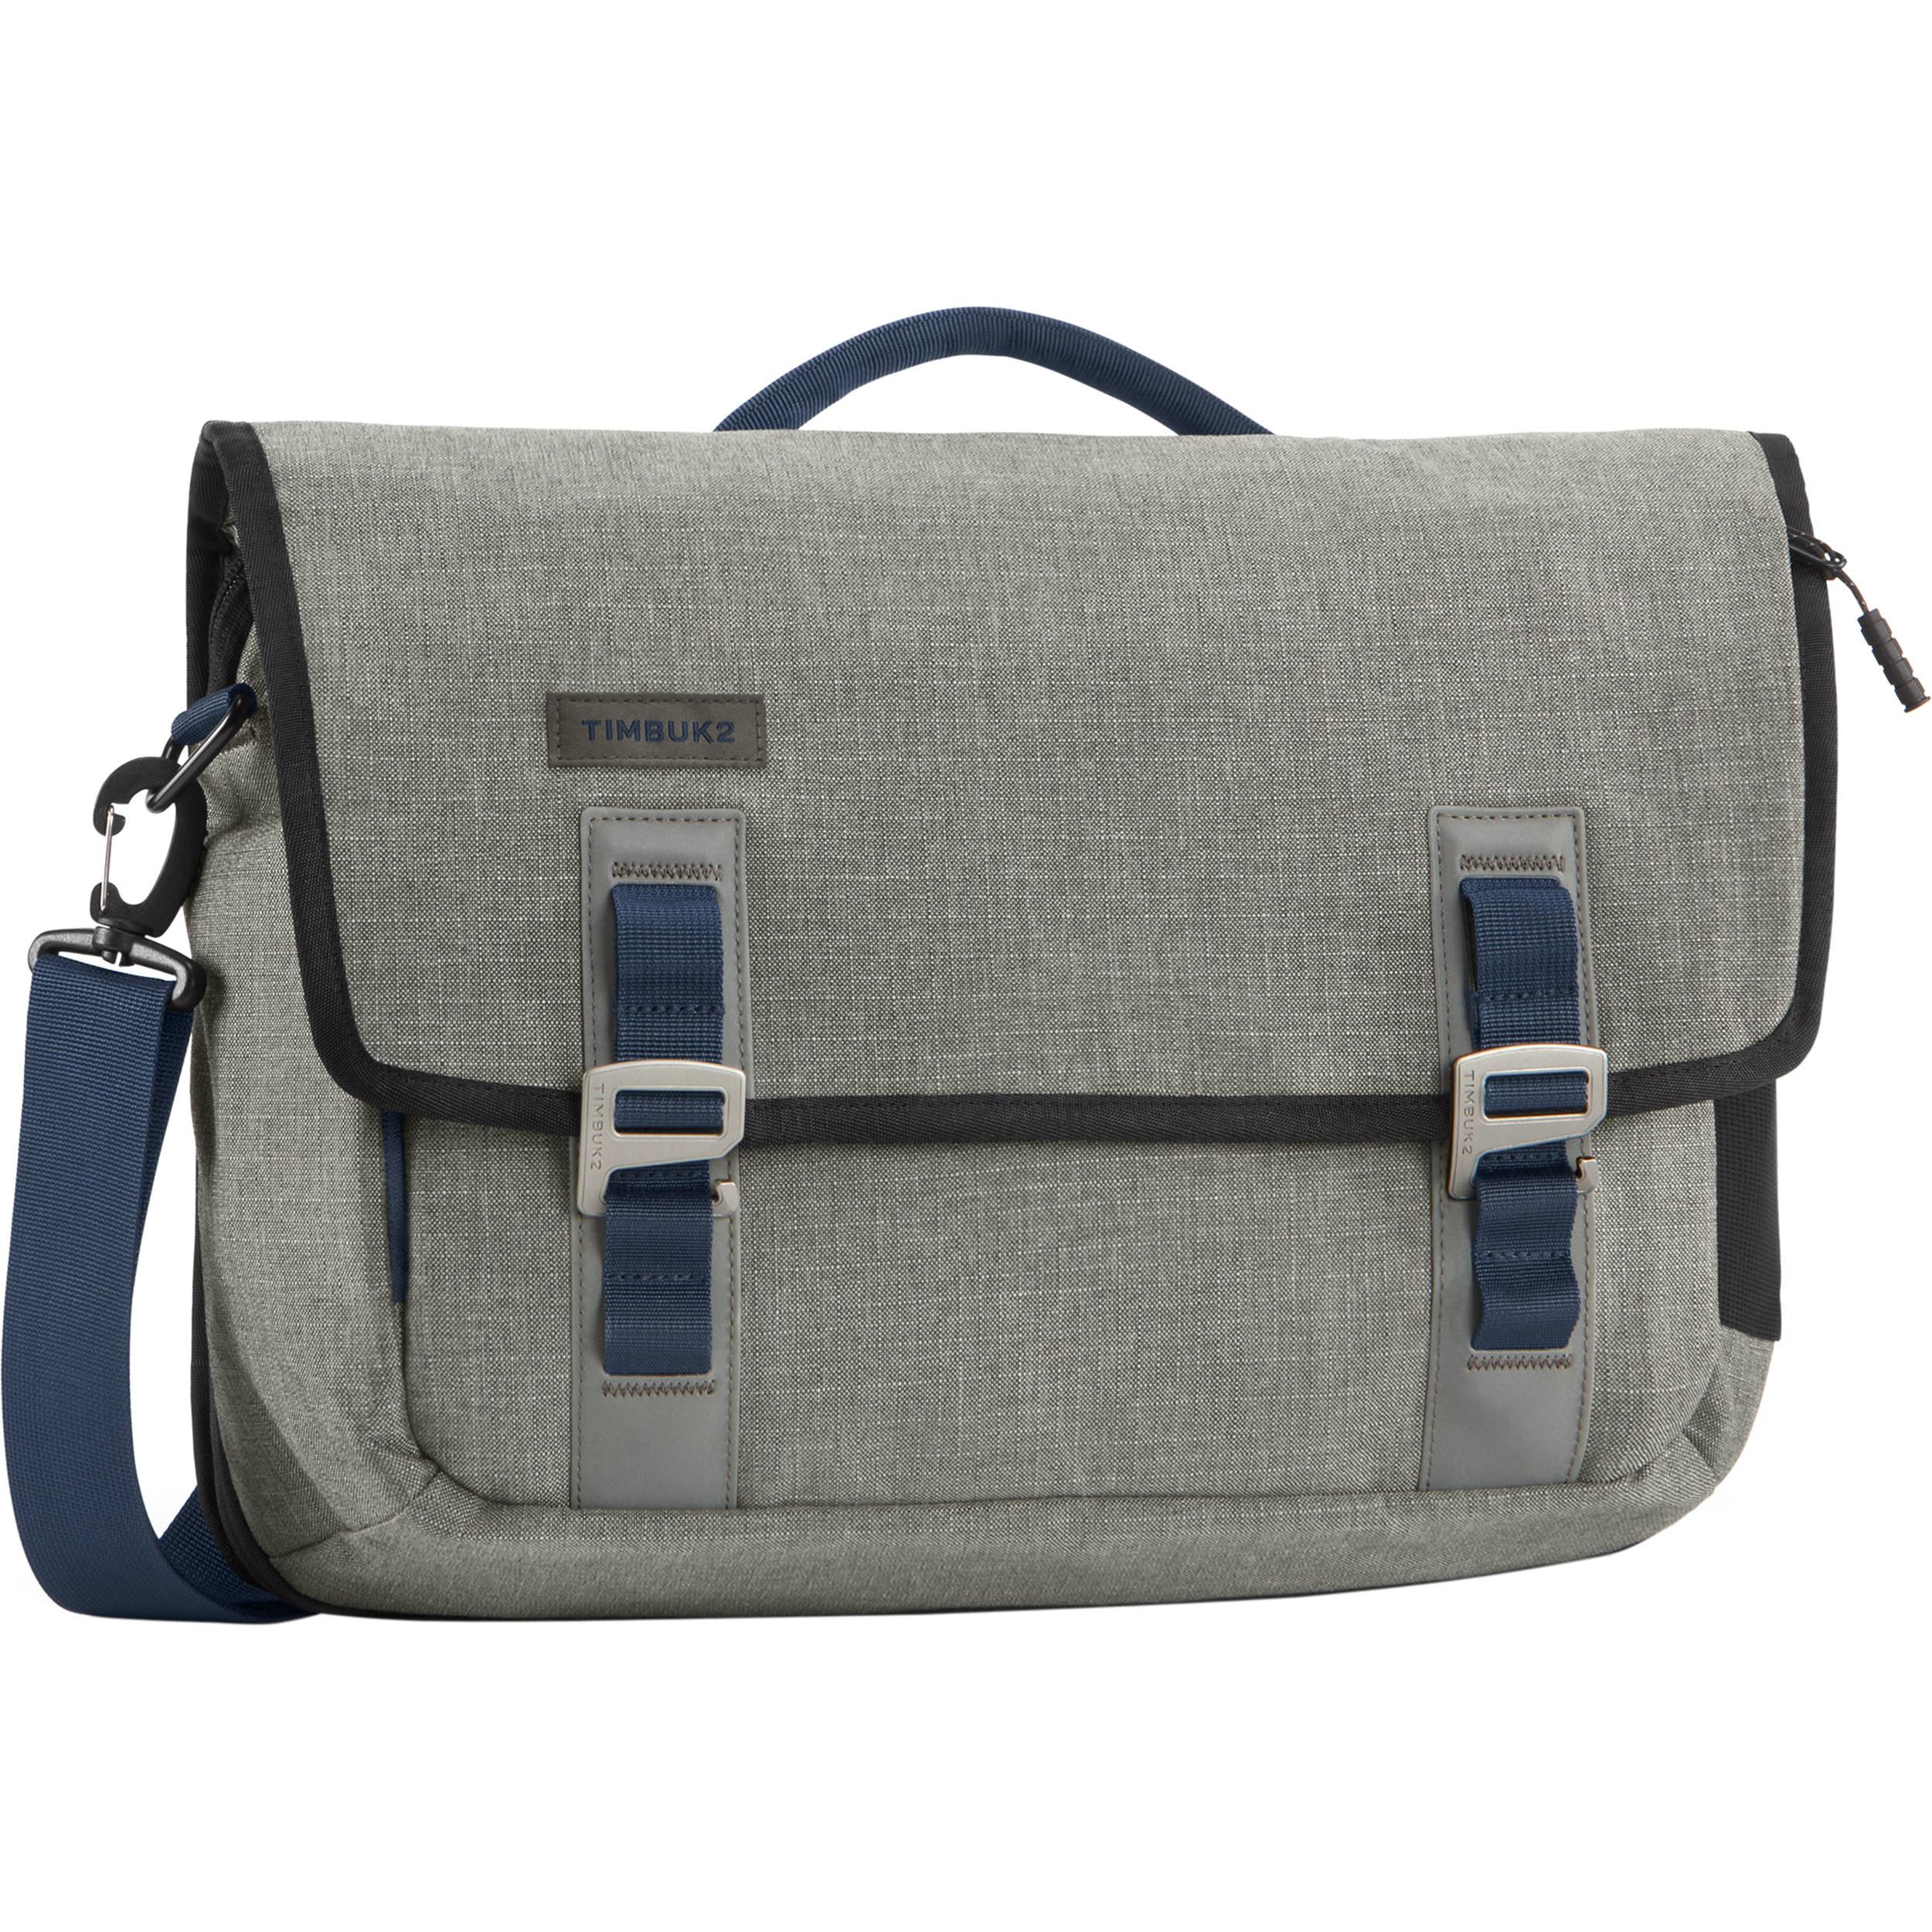 Timbuk2 Command Messenger Bag Small